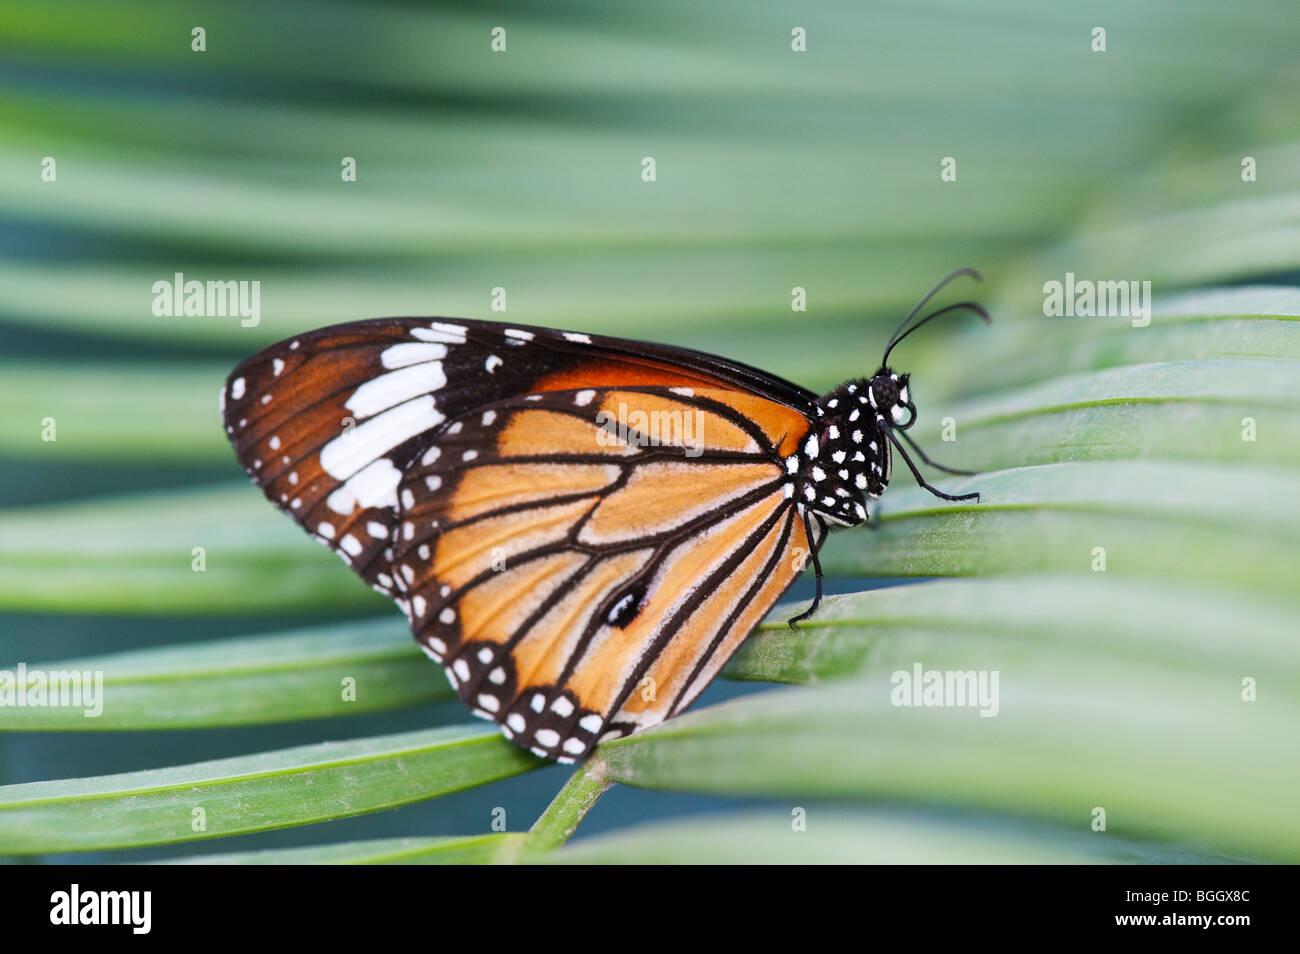 Danaus genutia. Striped tiger butterfly / comune tiger butterfly appoggiata su una foglia di palma in campagna indiana. Immagini Stock